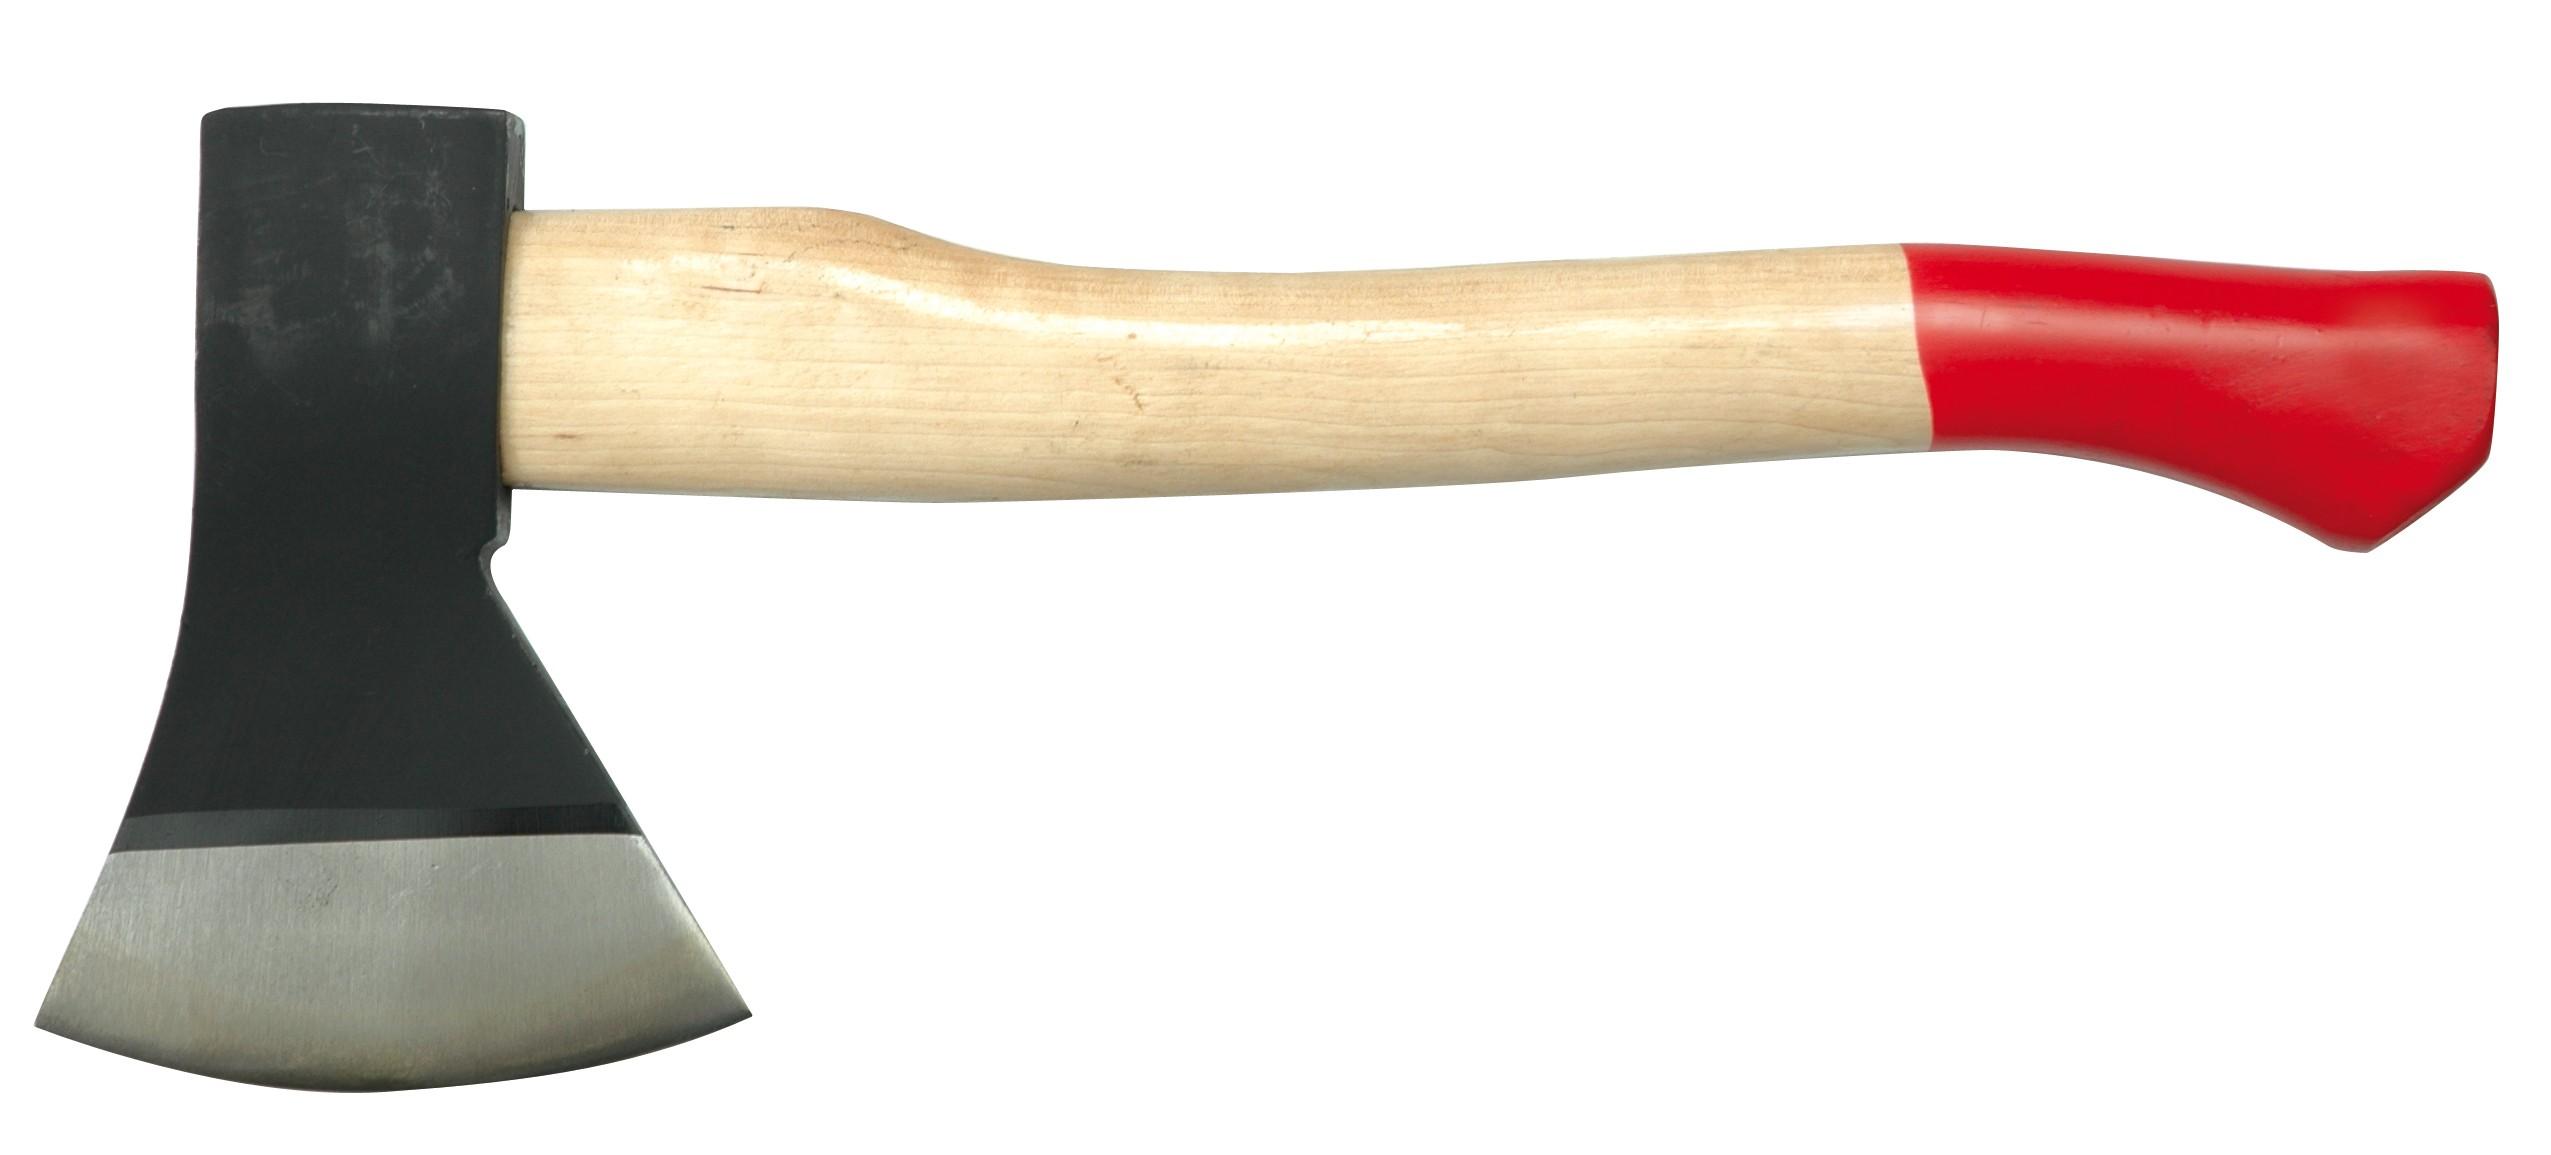 Sekerka 600 g s dřevěnou násadou